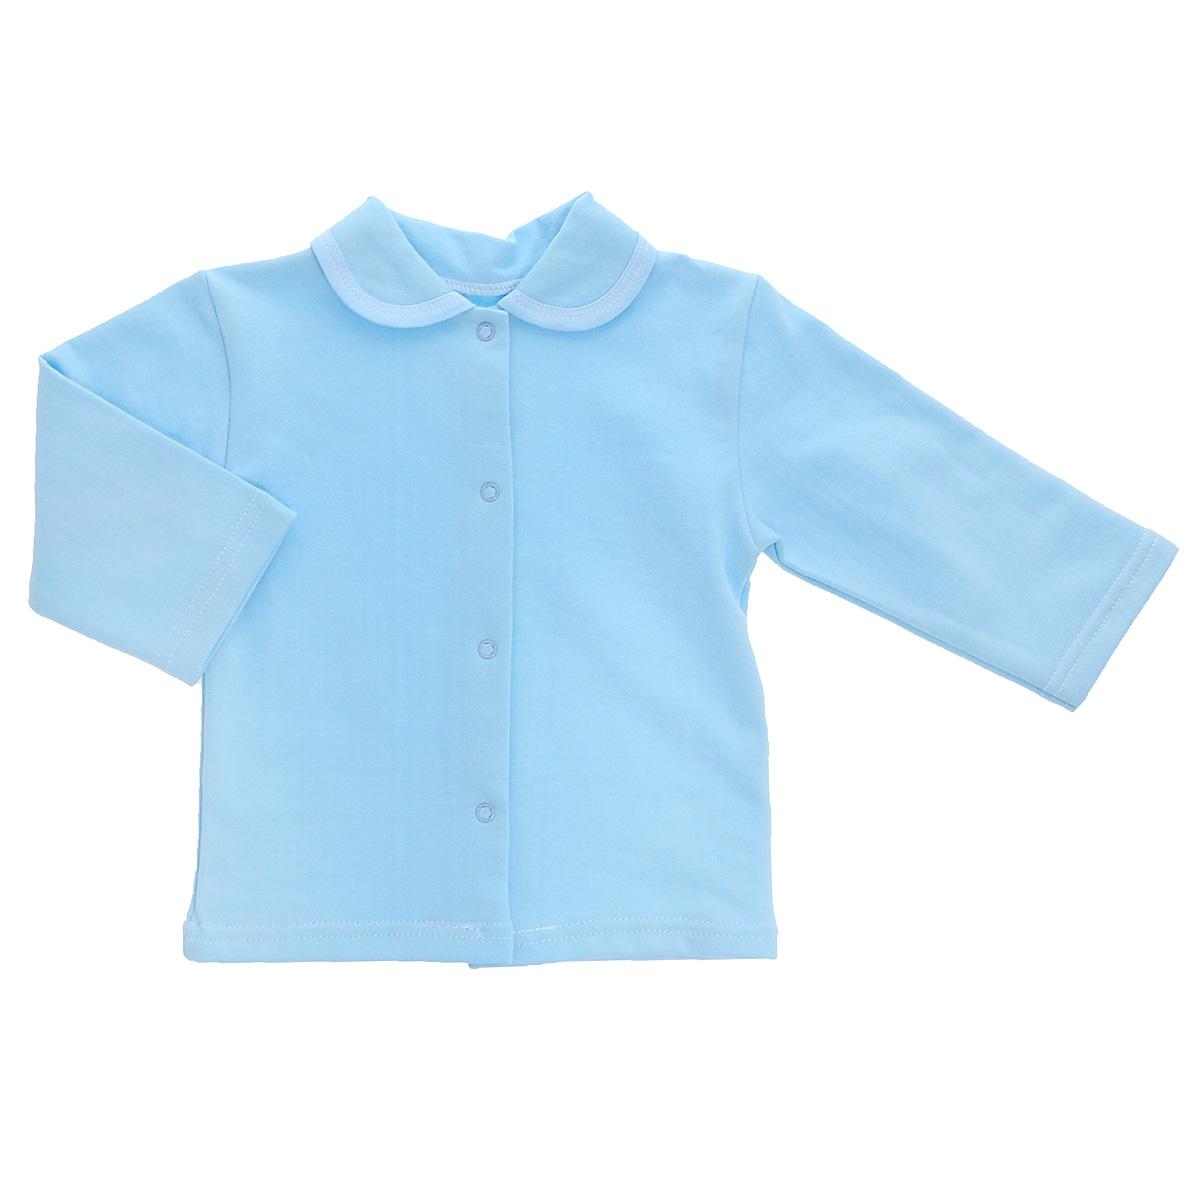 Кофточка детская Трон-плюс, цвет: голубой. 5175. Размер 86, 18 месяцев5175Кофточка для новорожденного Трон-плюс с длинными рукавами послужит идеальным дополнением к гардеробу вашего малыша, обеспечивая ему наибольший комфорт. Изготовленная из футерованного полотна - натурального хлопка, она необычайно мягкая и легкая, не раздражает нежную кожу ребенка и хорошо вентилируется, а эластичные швы приятны телу малыша и не препятствуют его движениям. Удобные застежки-кнопки по всей длине помогают легко переодеть младенца. Модель дополнена отложным воротником.Кофточка полностью соответствует особенностям жизни ребенка в ранний период, не стесняя и не ограничивая его в движениях.